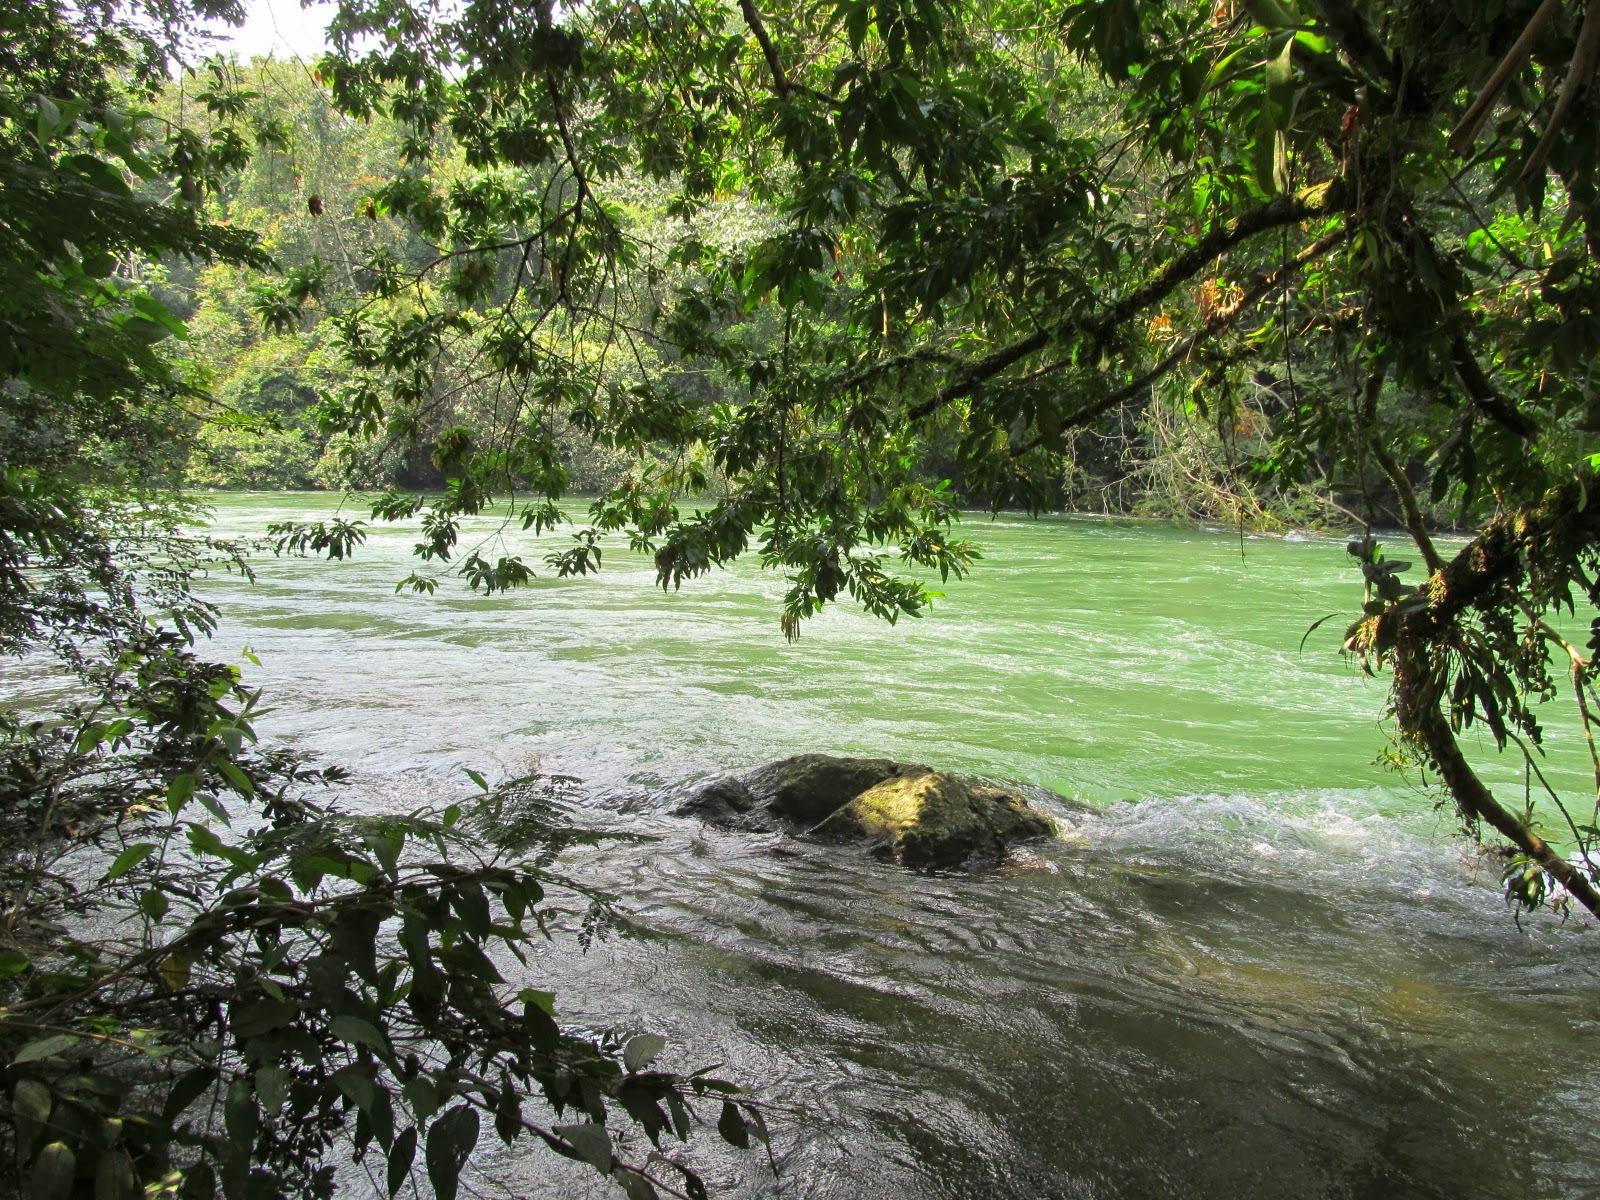 Río La Miel: sites.google.com